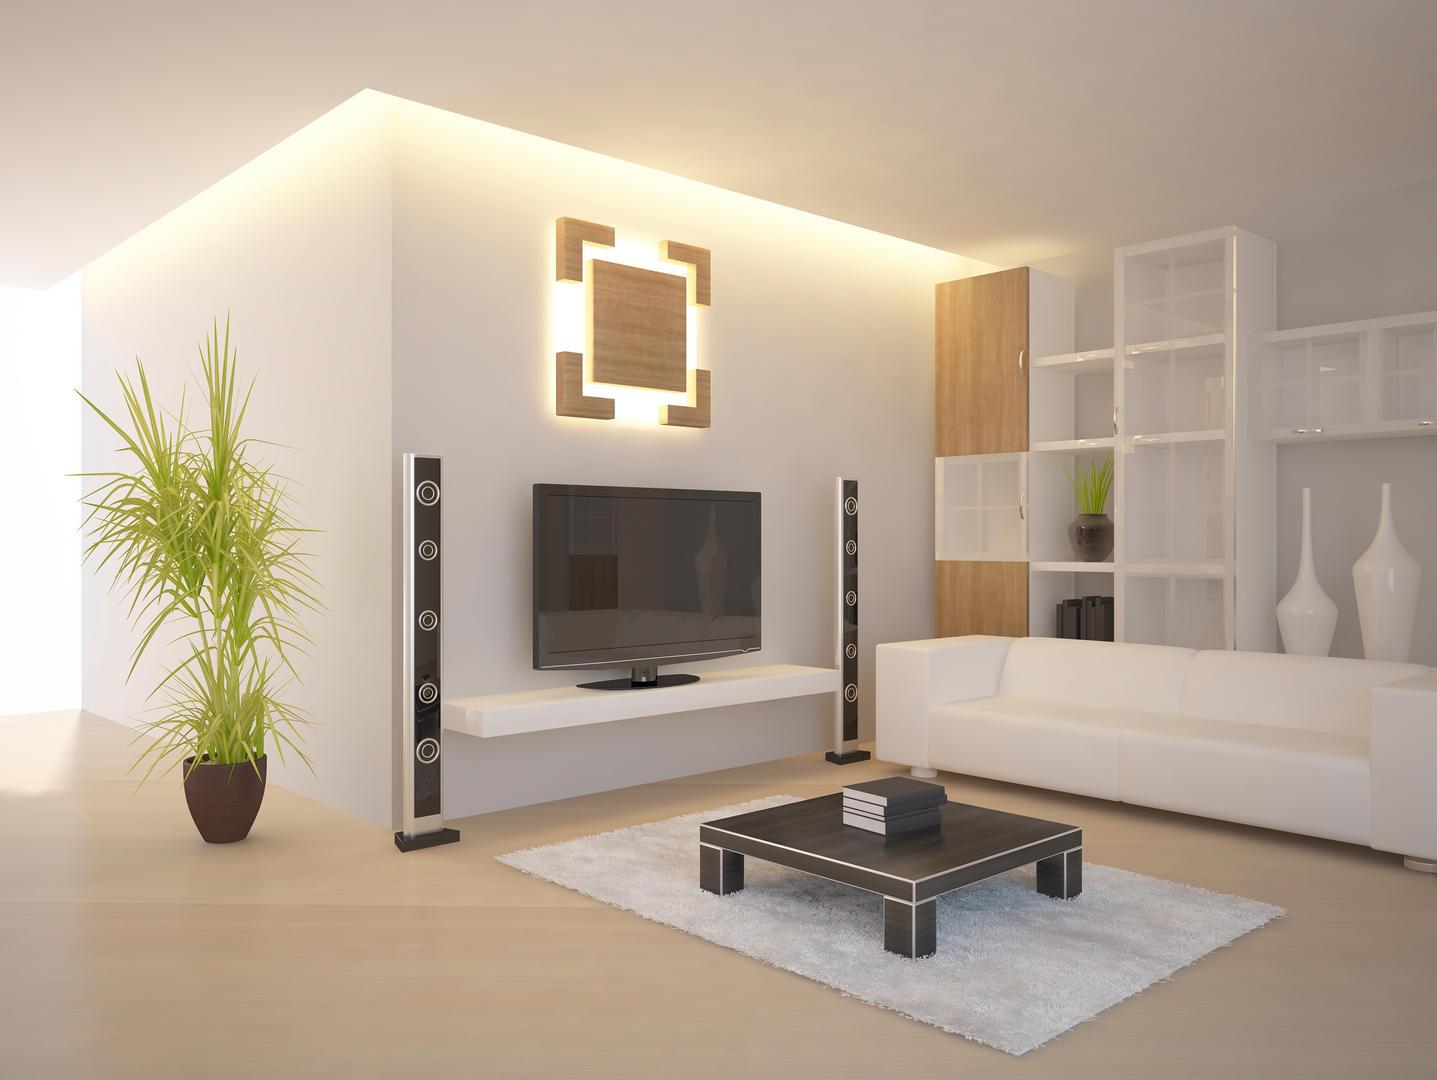 deckenleuchte indirektes licht wohnzimmer – caseconrad